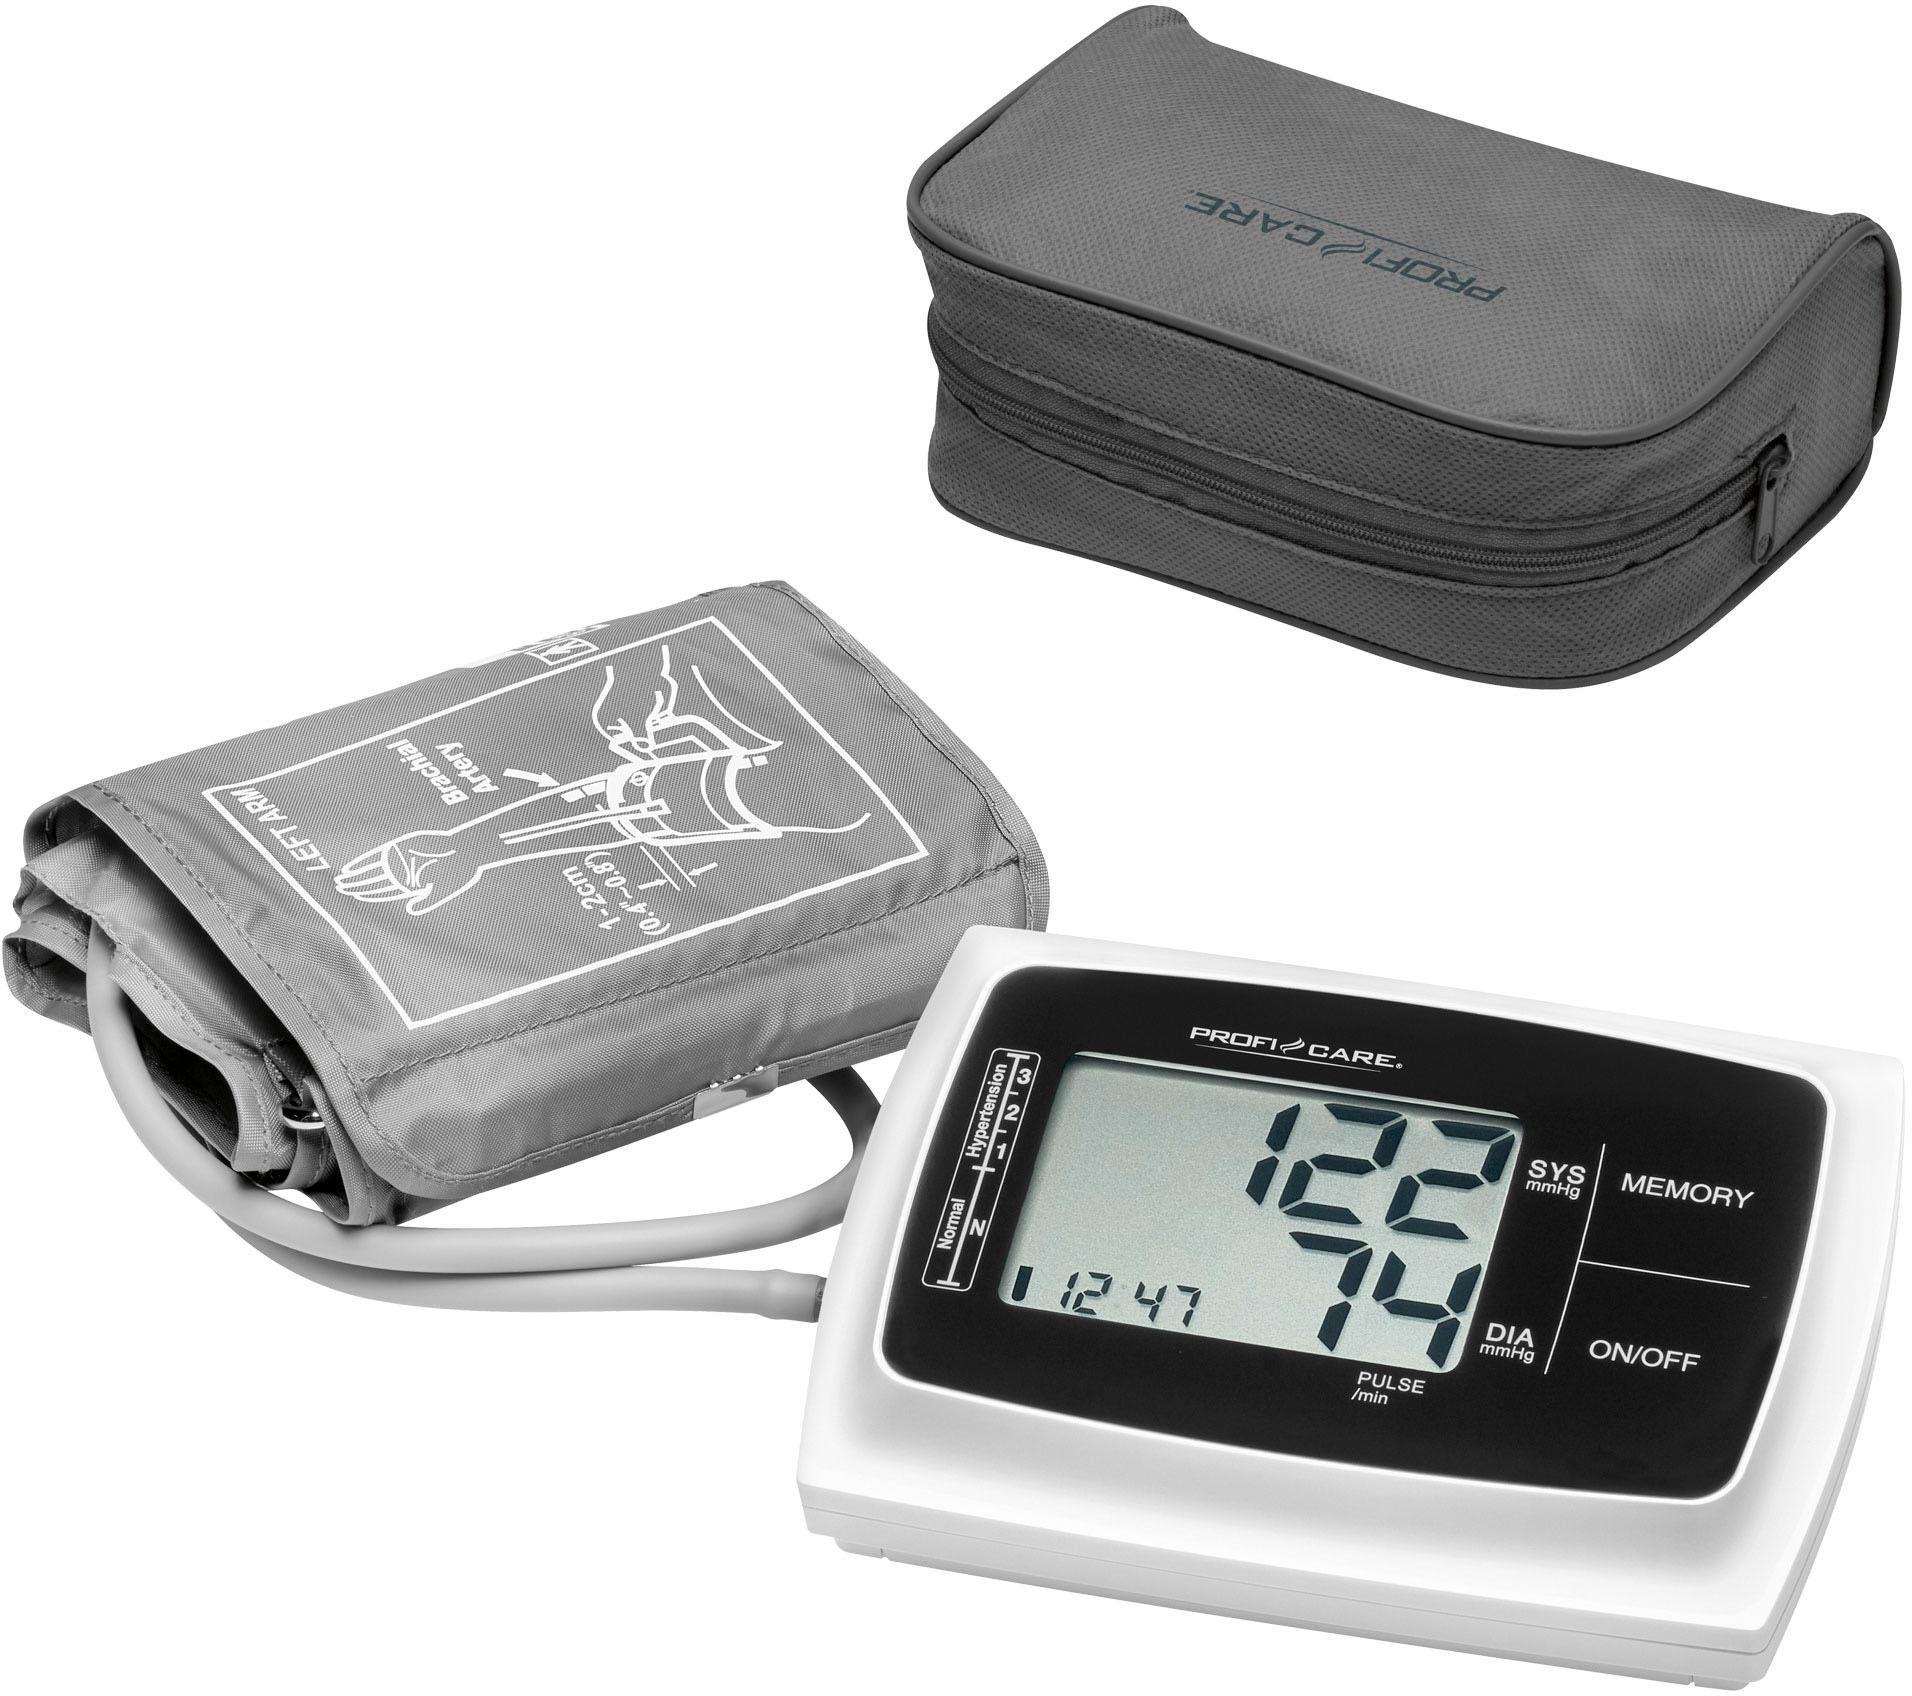 ProfiCare »PC-BMG 3019« bovenarm-bloeddrukmeter voordelig en veilig online kopen